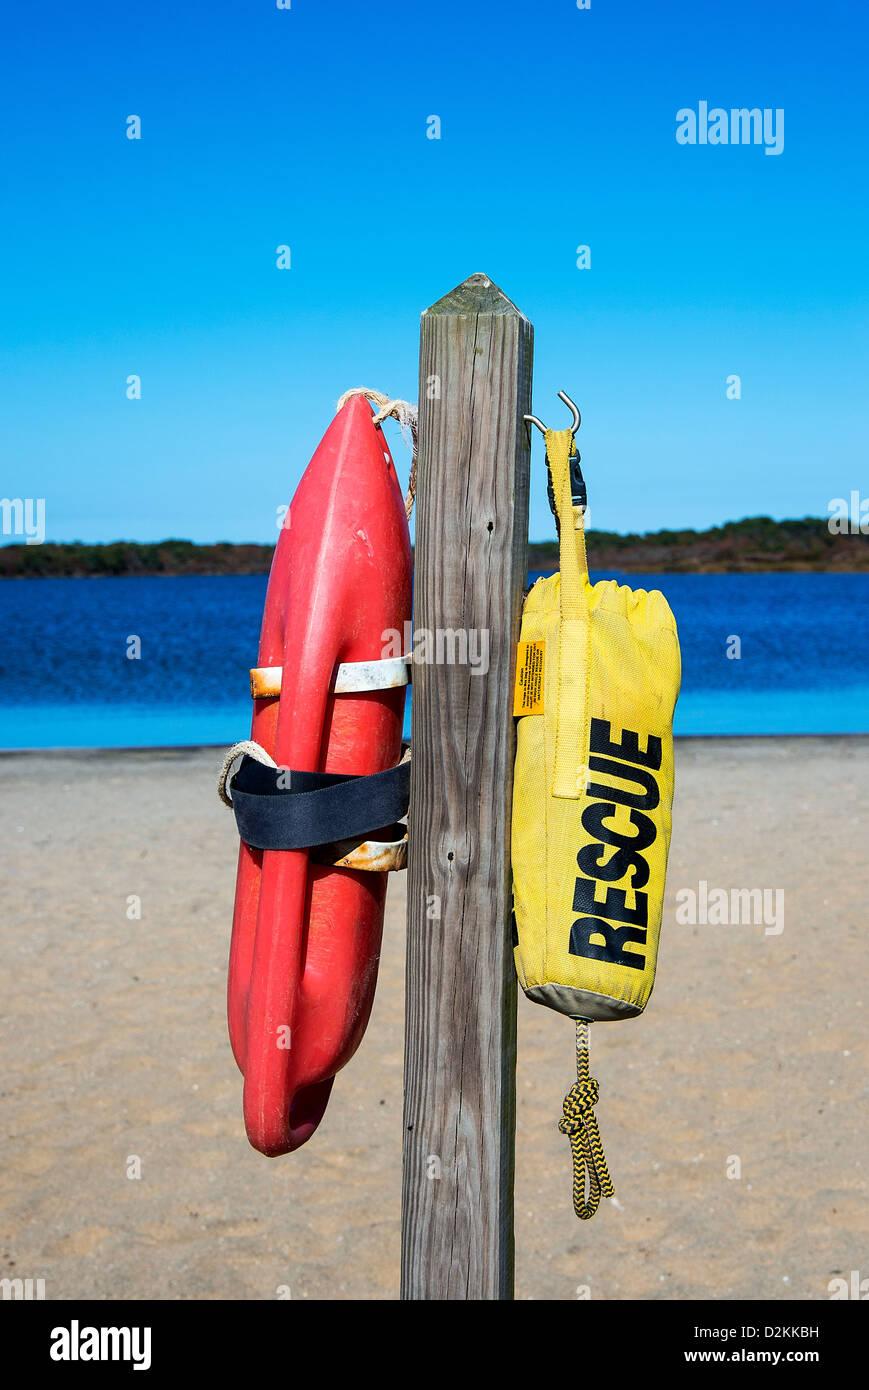 Flotadores de rescate en una playa, Massachusetts, EE.UU. Imagen De Stock